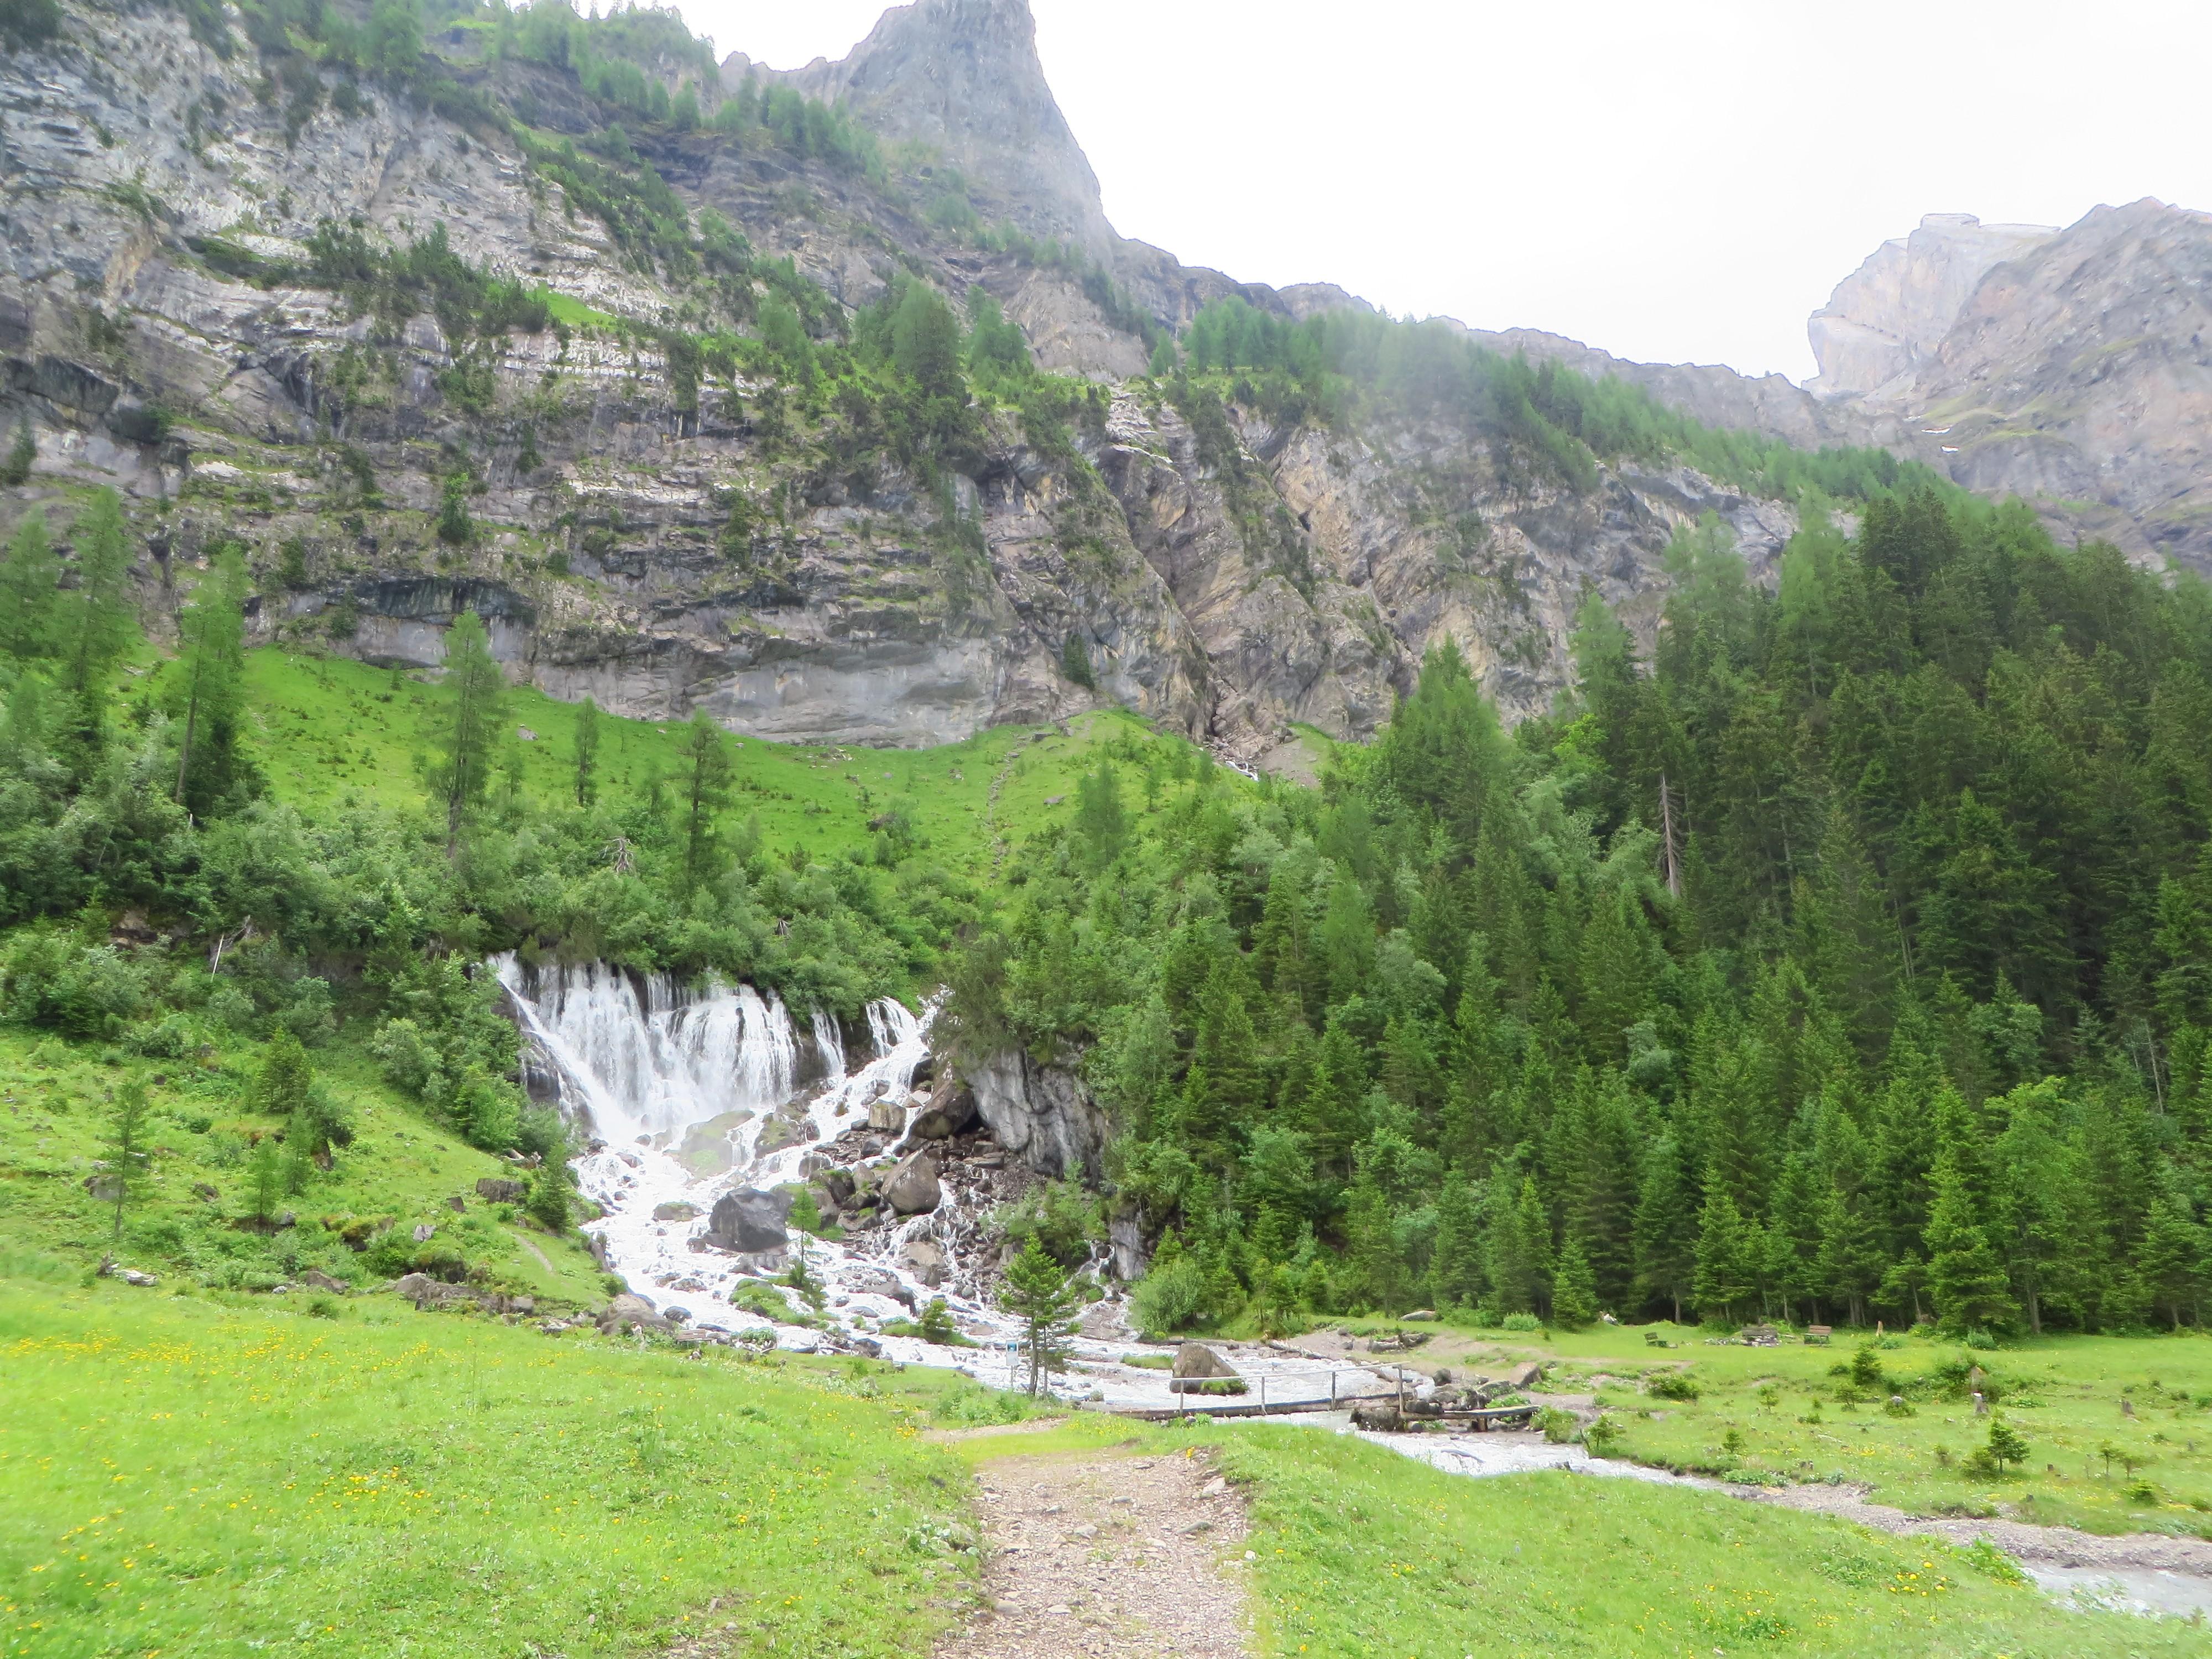 Sfondi montagne acqua verde scogliera fiordo valle for Acqua verde laghetto